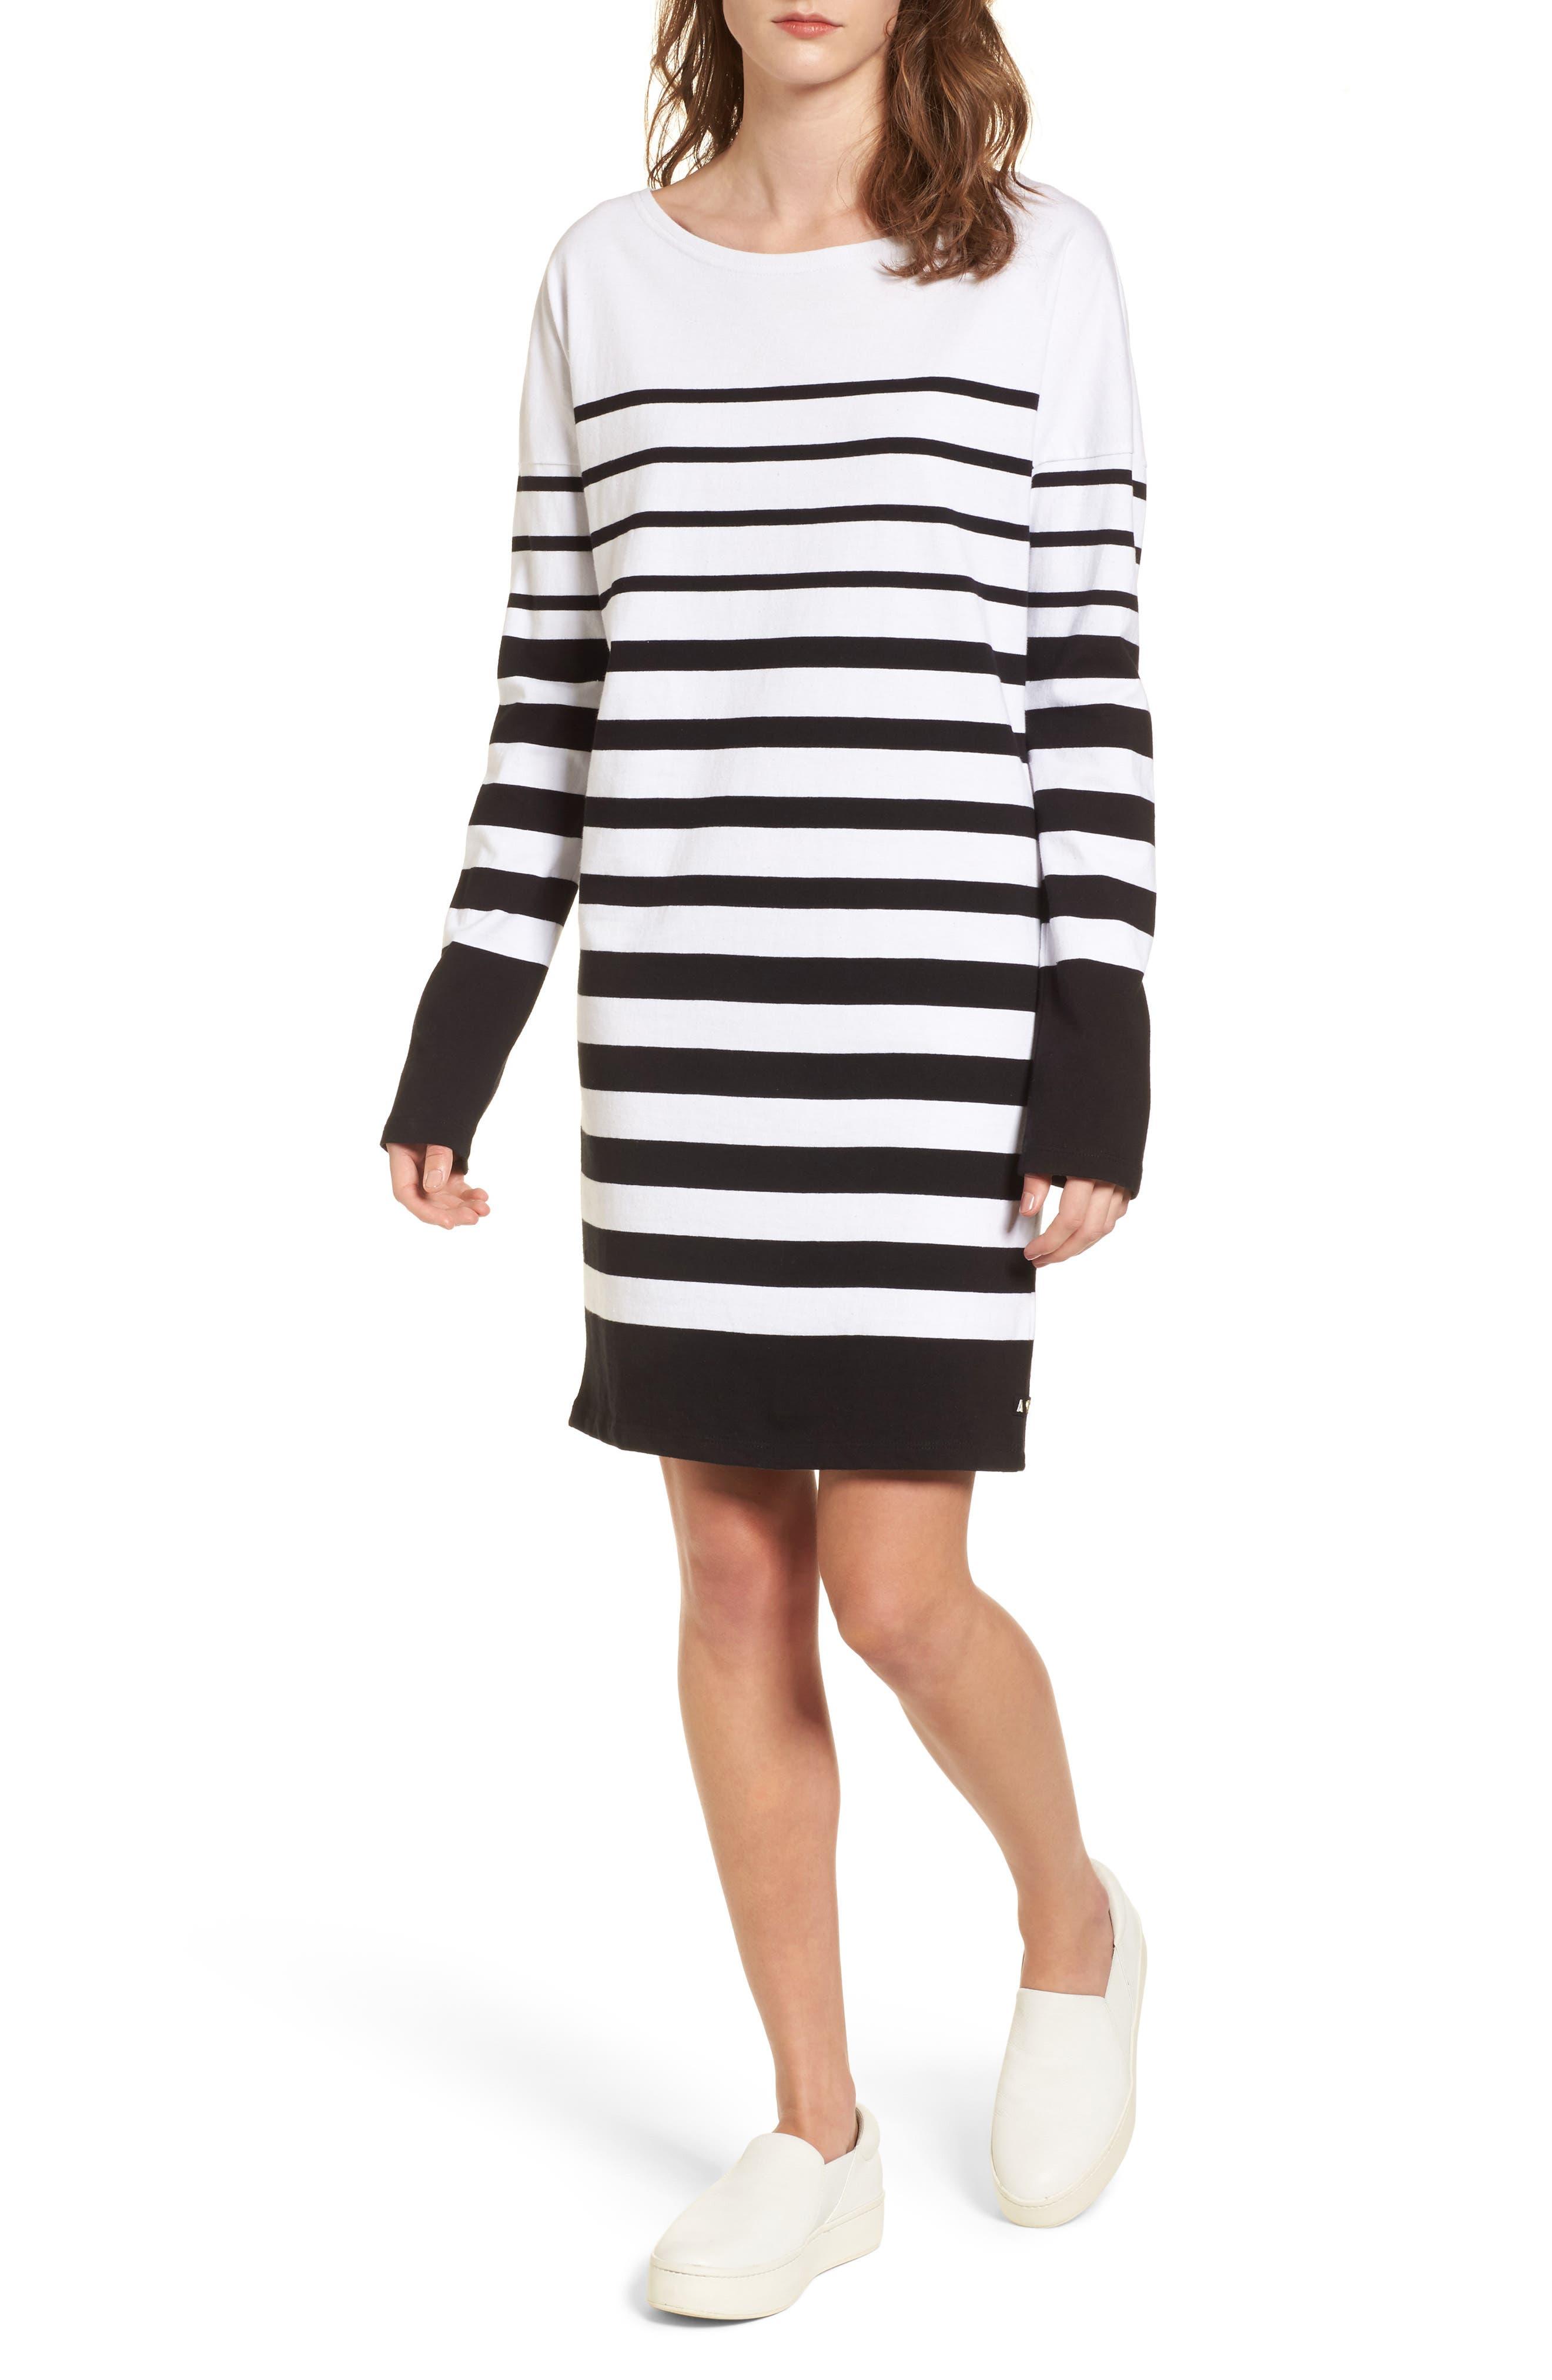 Scotch & Soda Breton Stripe Cotton Shift Dress